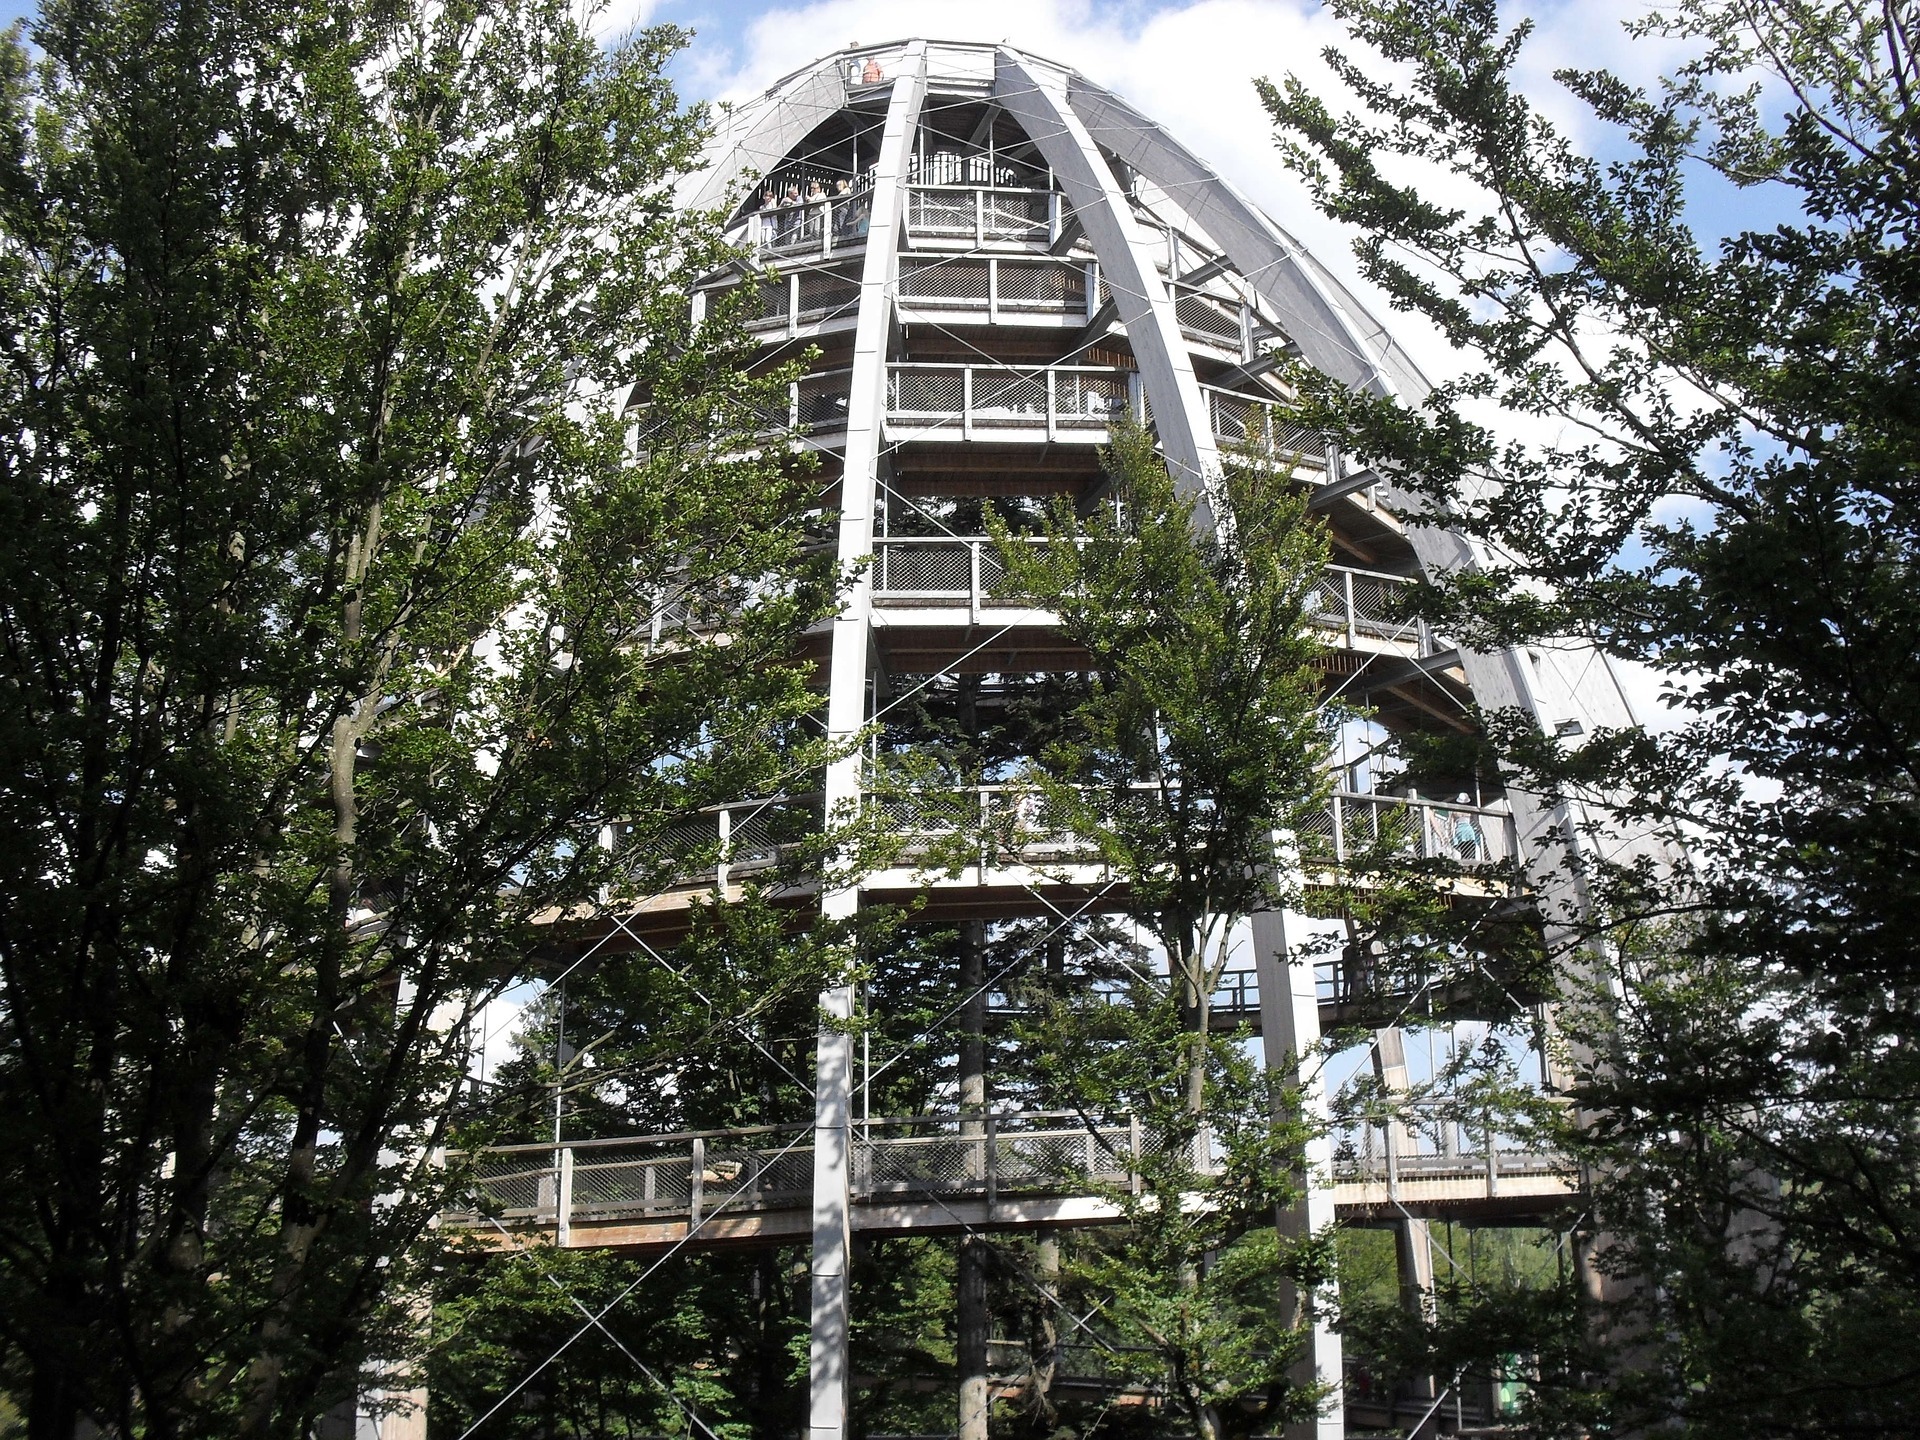 Stezka korunami stromů Bavorsko